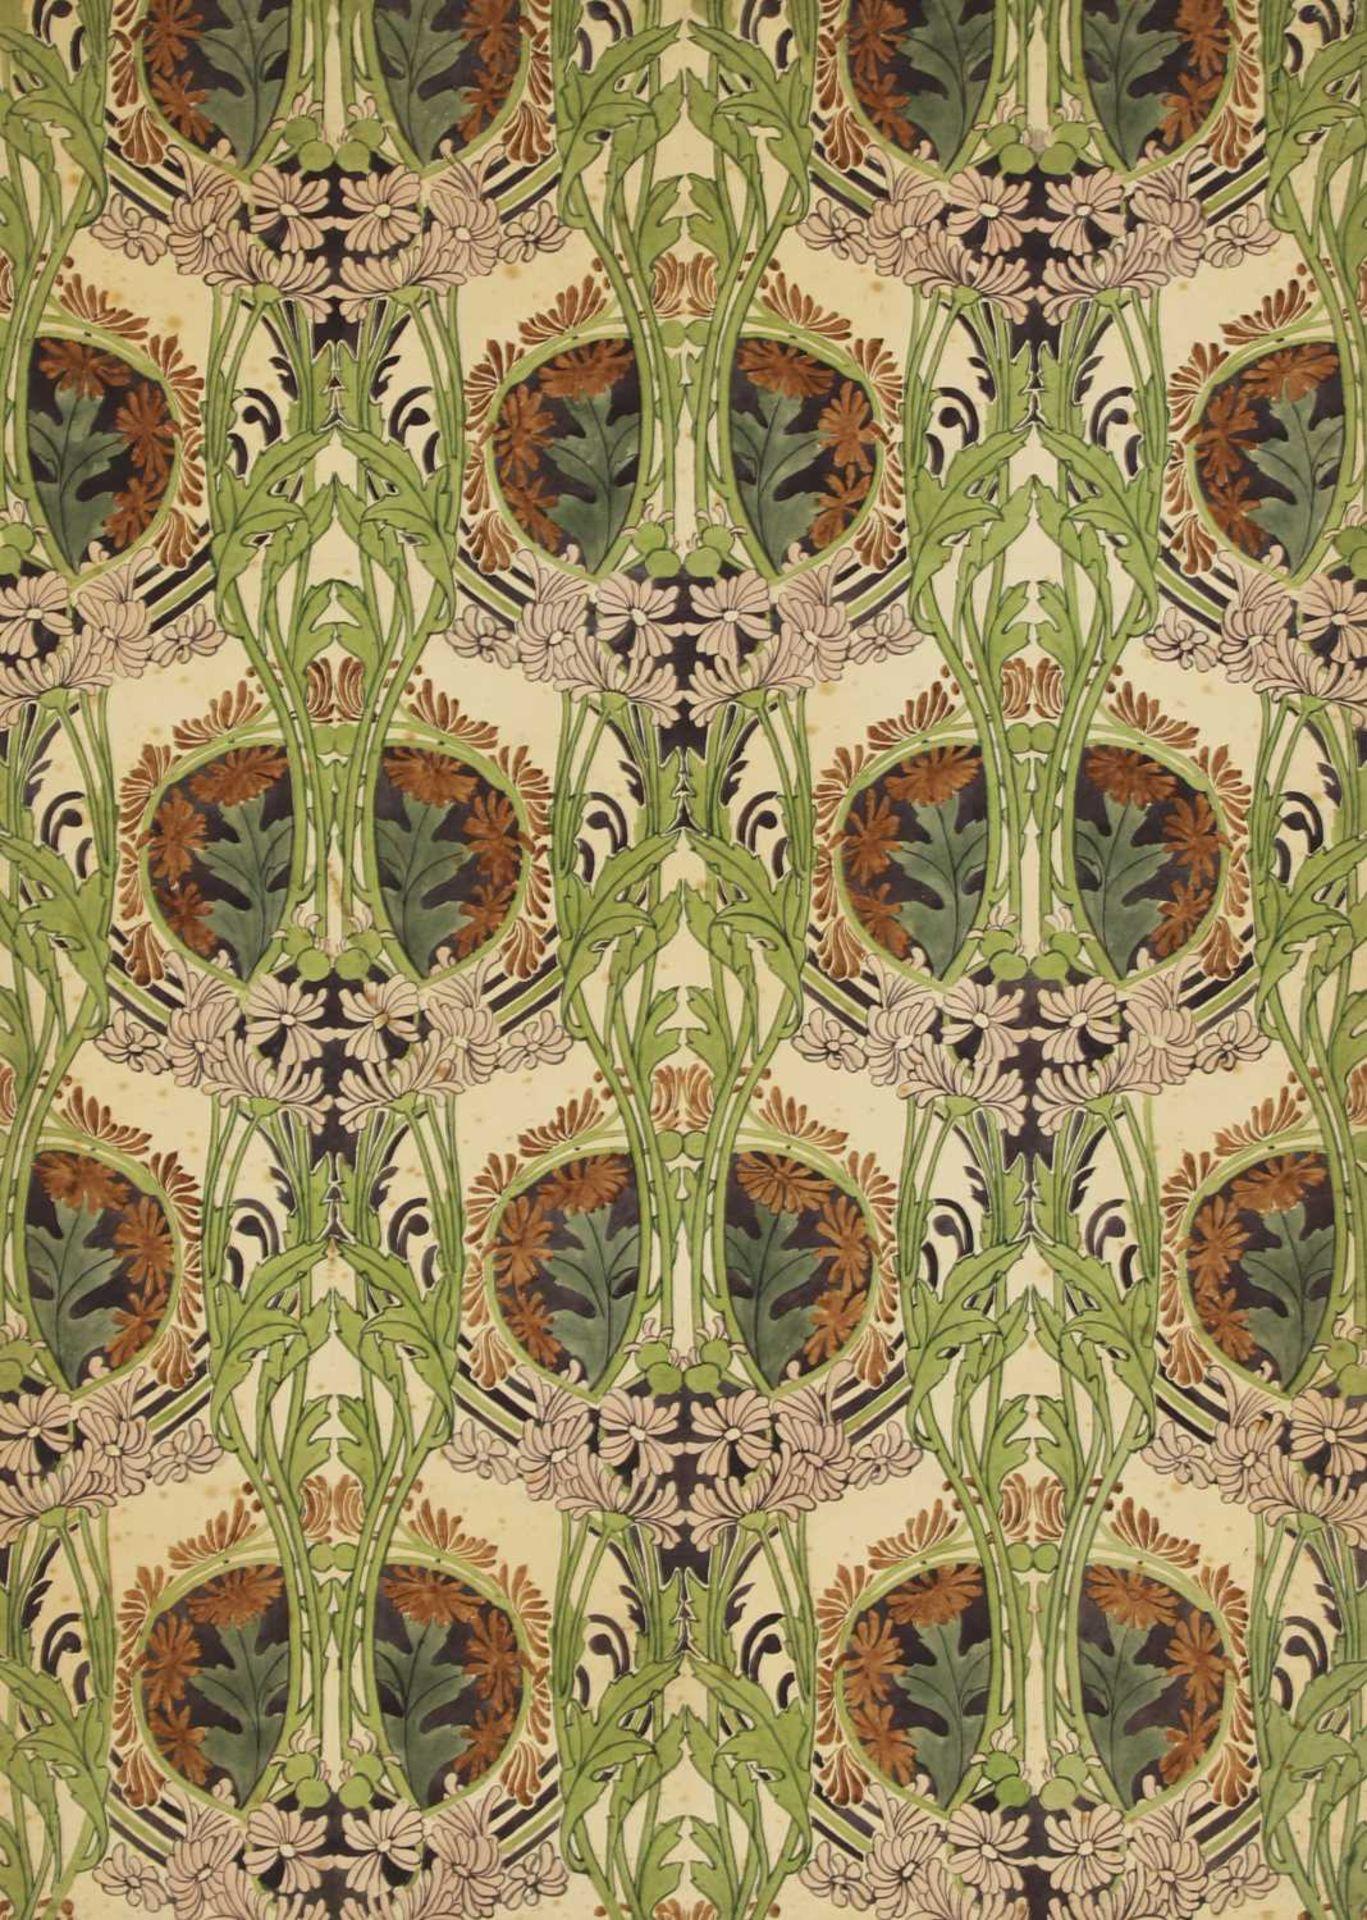 'Designs for Cretonne' - Image 2 of 7